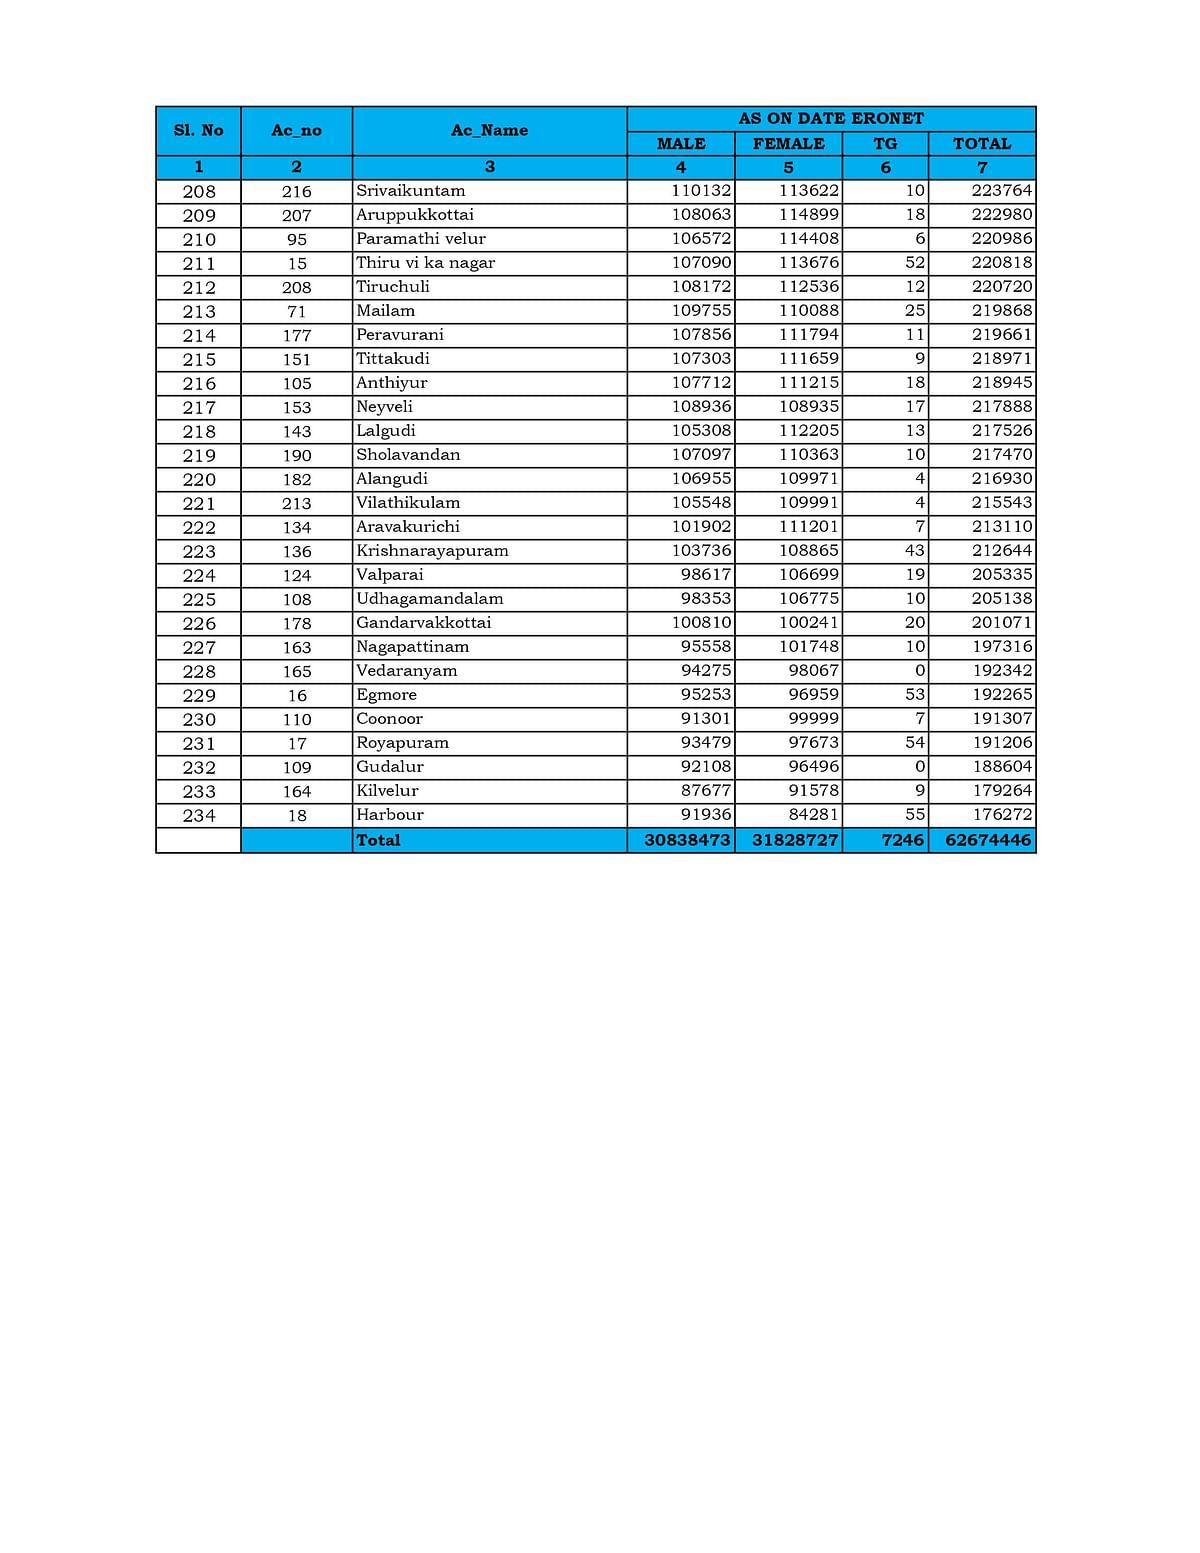 #TnElections2021 - இறுதி வாக்காளர் பட்டியல் வெளியீடு: ஆண்களை பின்னுக்குத் தள்ளிய பெண் வாக்காளர்கள்!